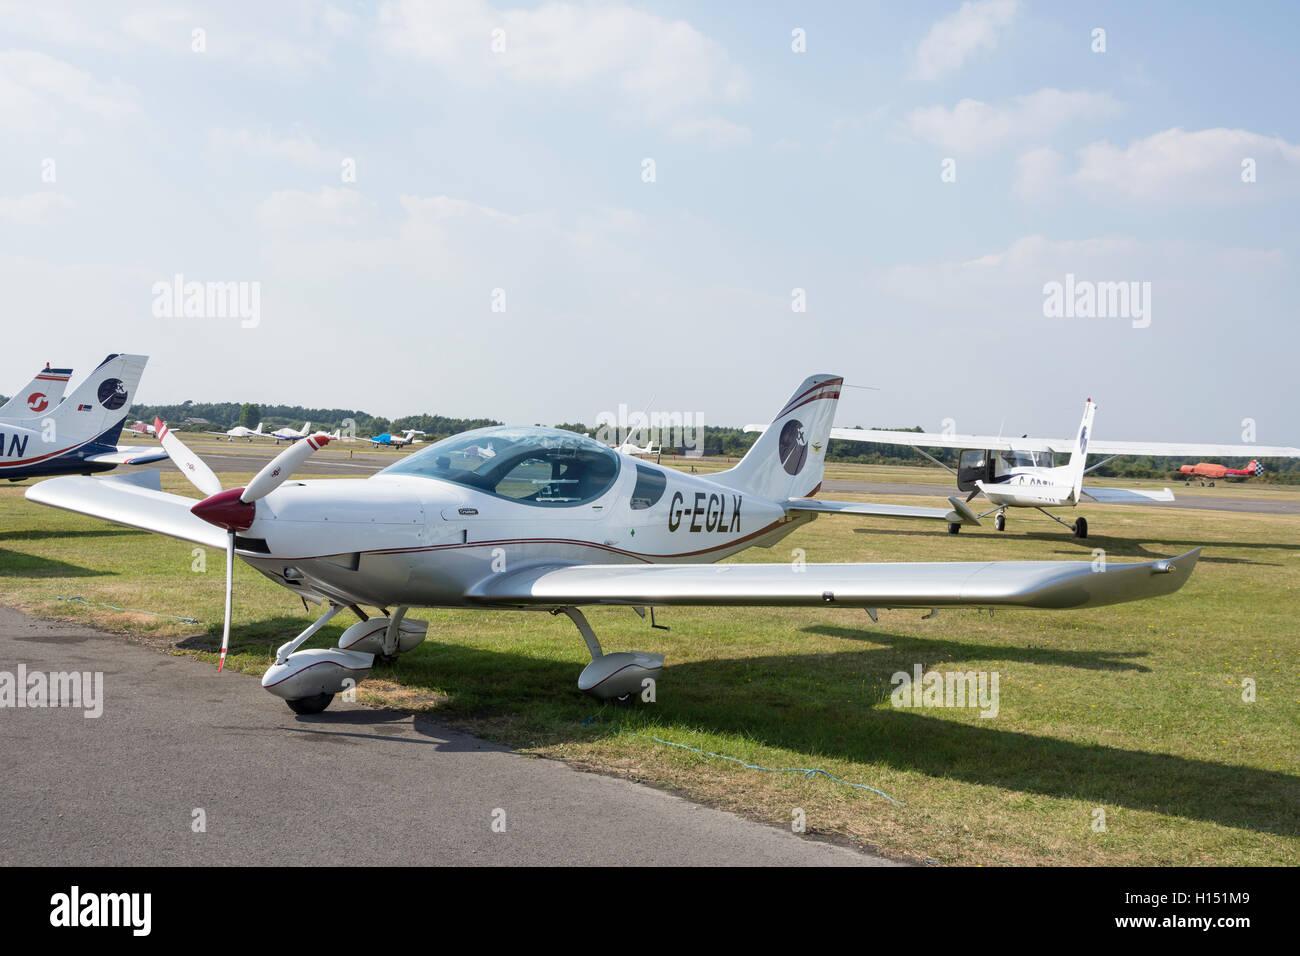 Repubblica ceca Sport PS-28 Cruiser aeromobili a Blackbushe Aeroporto, London Road, fossa settica, Hampshire, Inghilterra, Immagini Stock